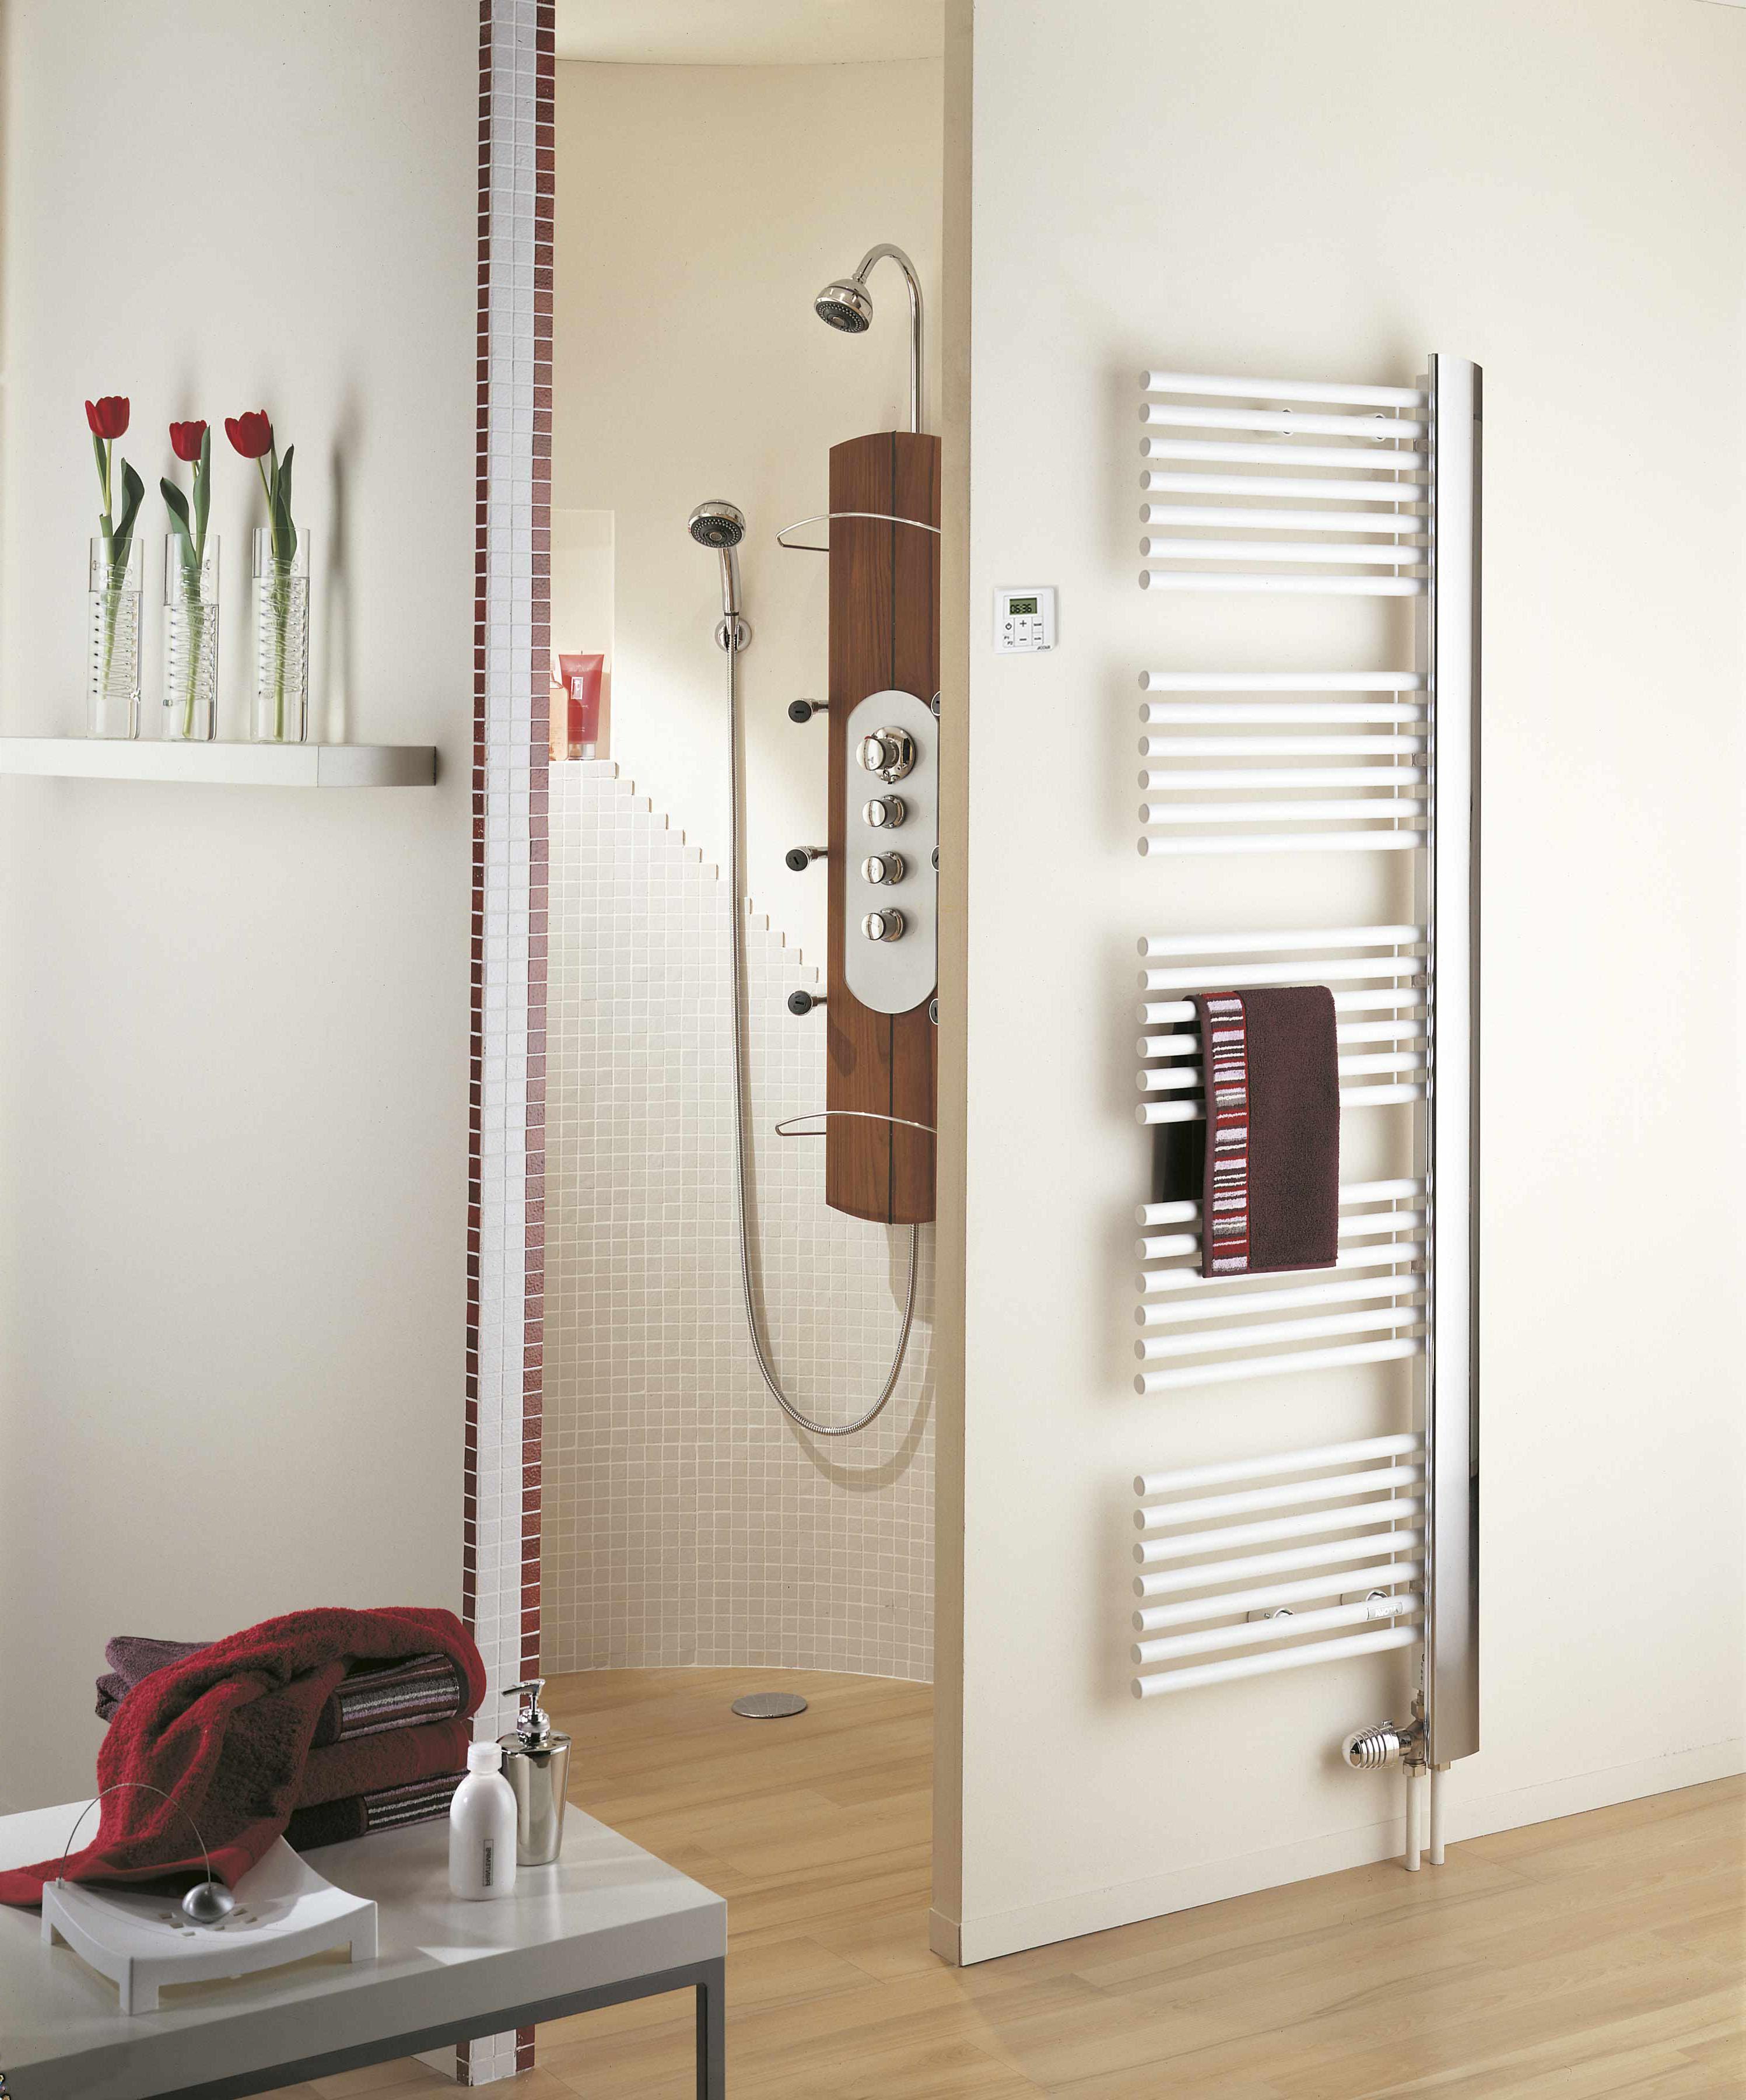 s che serviettes mixte lec eau chaude archives. Black Bedroom Furniture Sets. Home Design Ideas